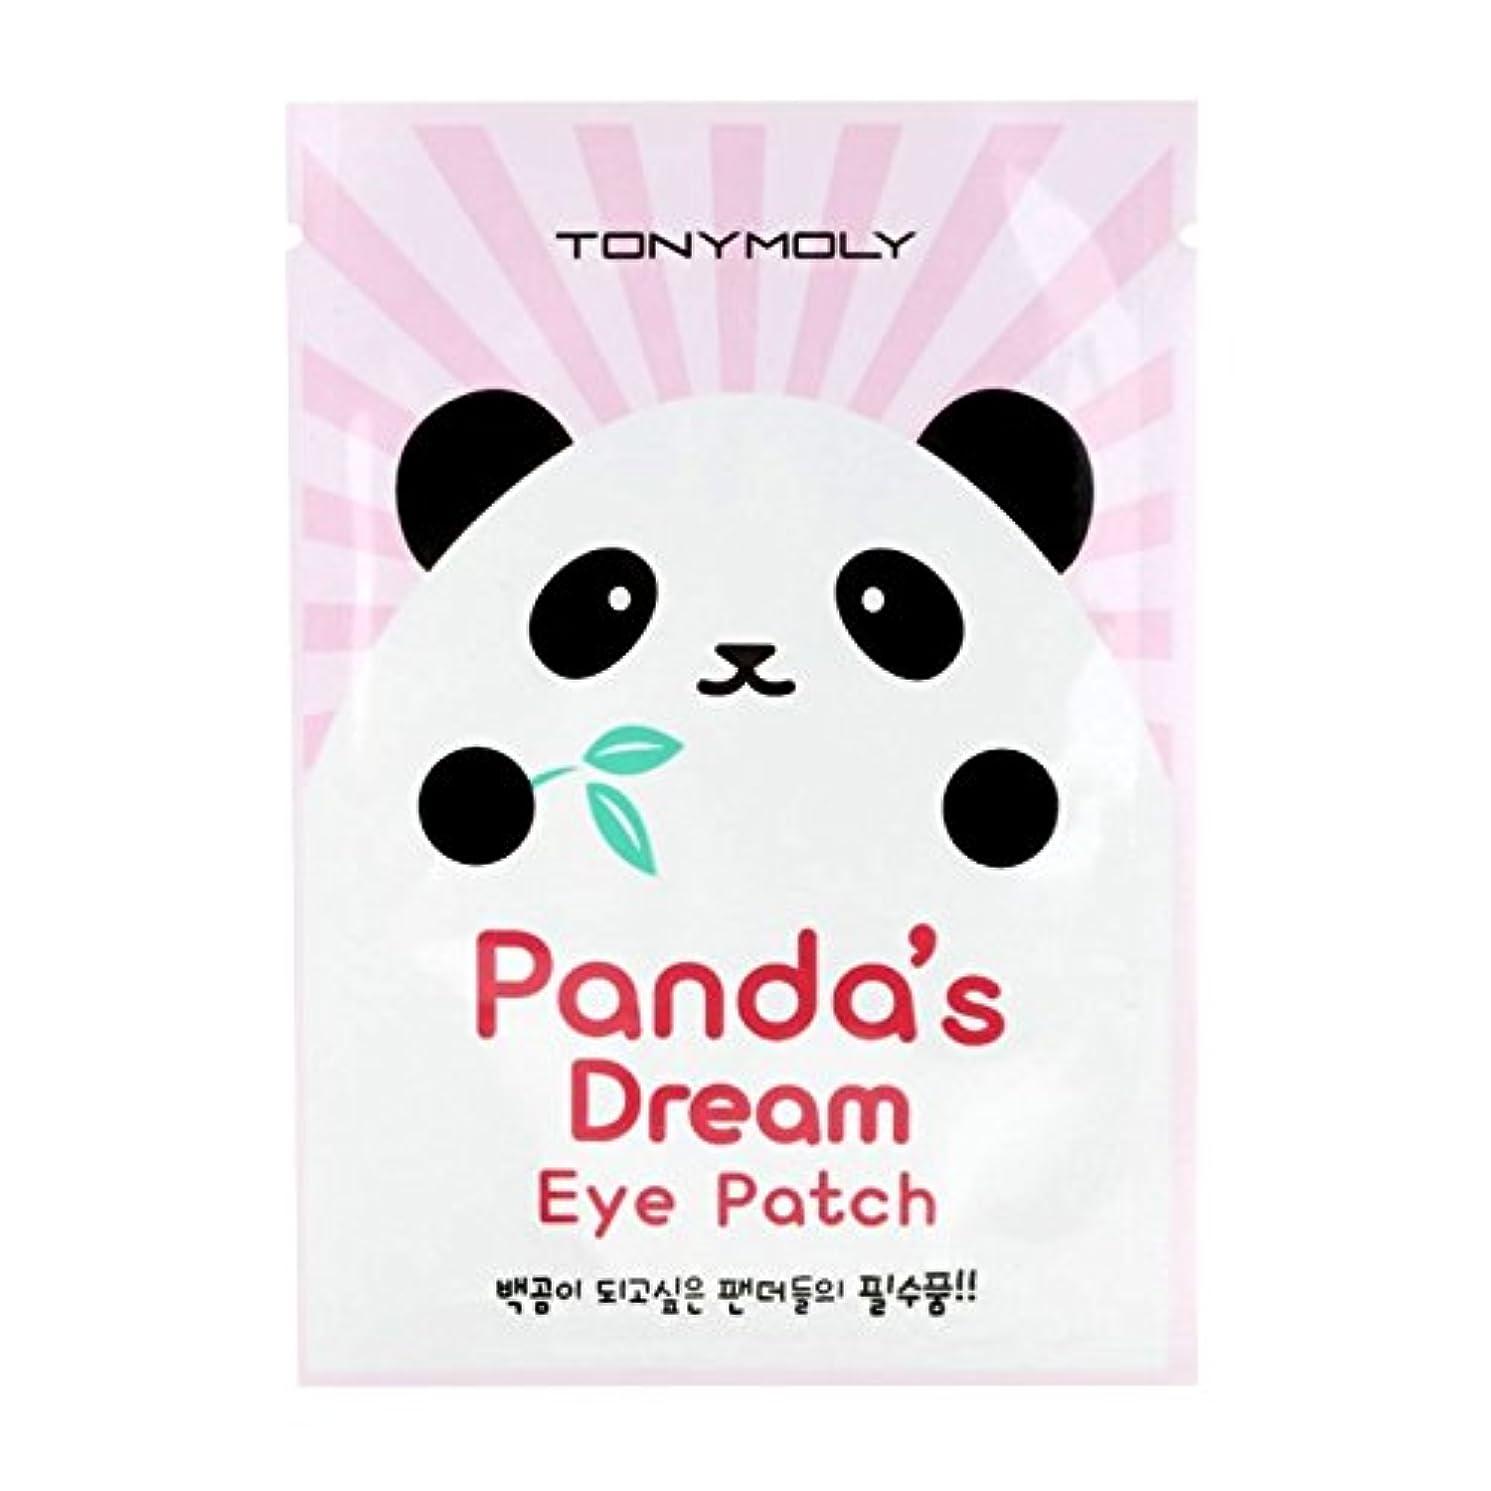 ランデブー悪意代数(3 Pack) TONYMOLY Panda's Dream Eye Patch (並行輸入品)